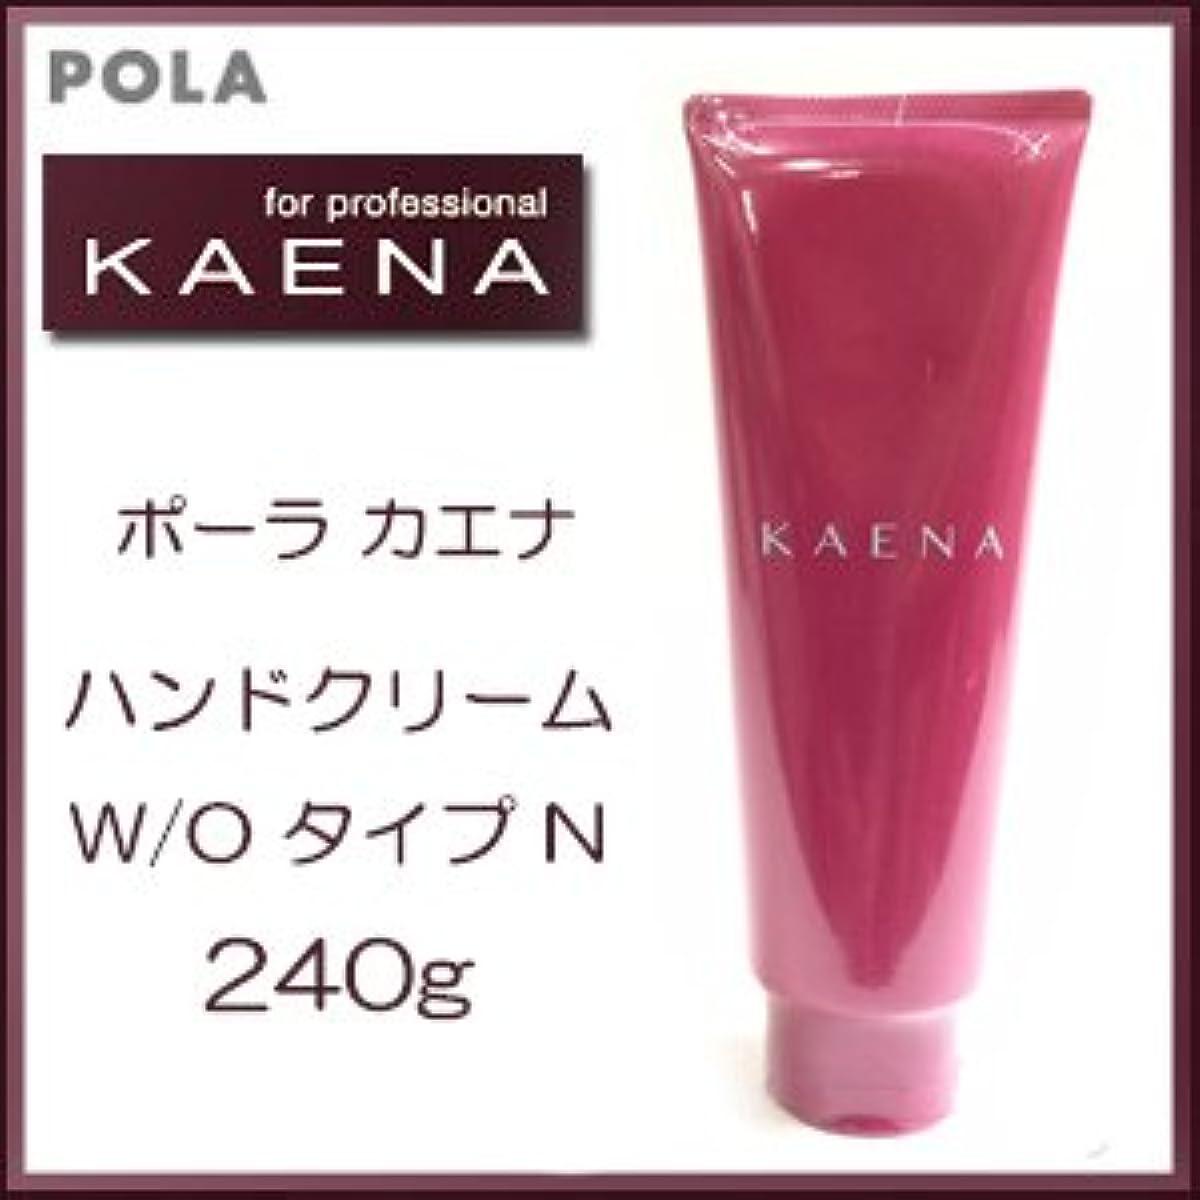 心配するカフェ肥料【X2個セット】 ポーラ カエナ ハンドクリーム W/O タイプ 240g POLA KAENA アウトバスシリーズ